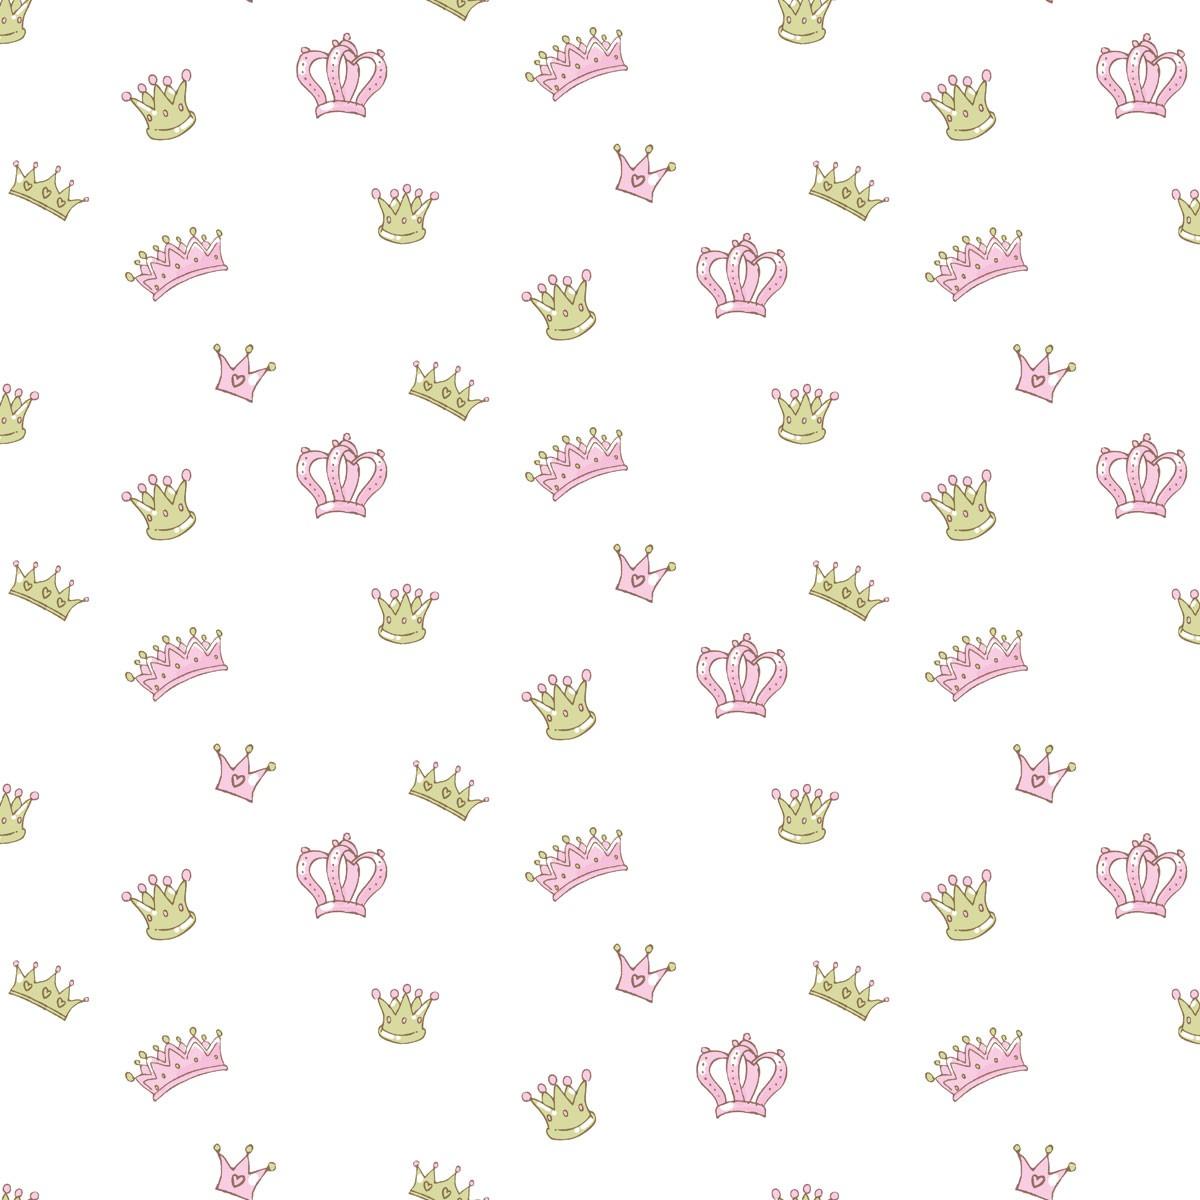 Bettwasche Grun Pink : Schlafzimmer Grün Rosa  Details zu Tapete Vlies Krone grün rosa